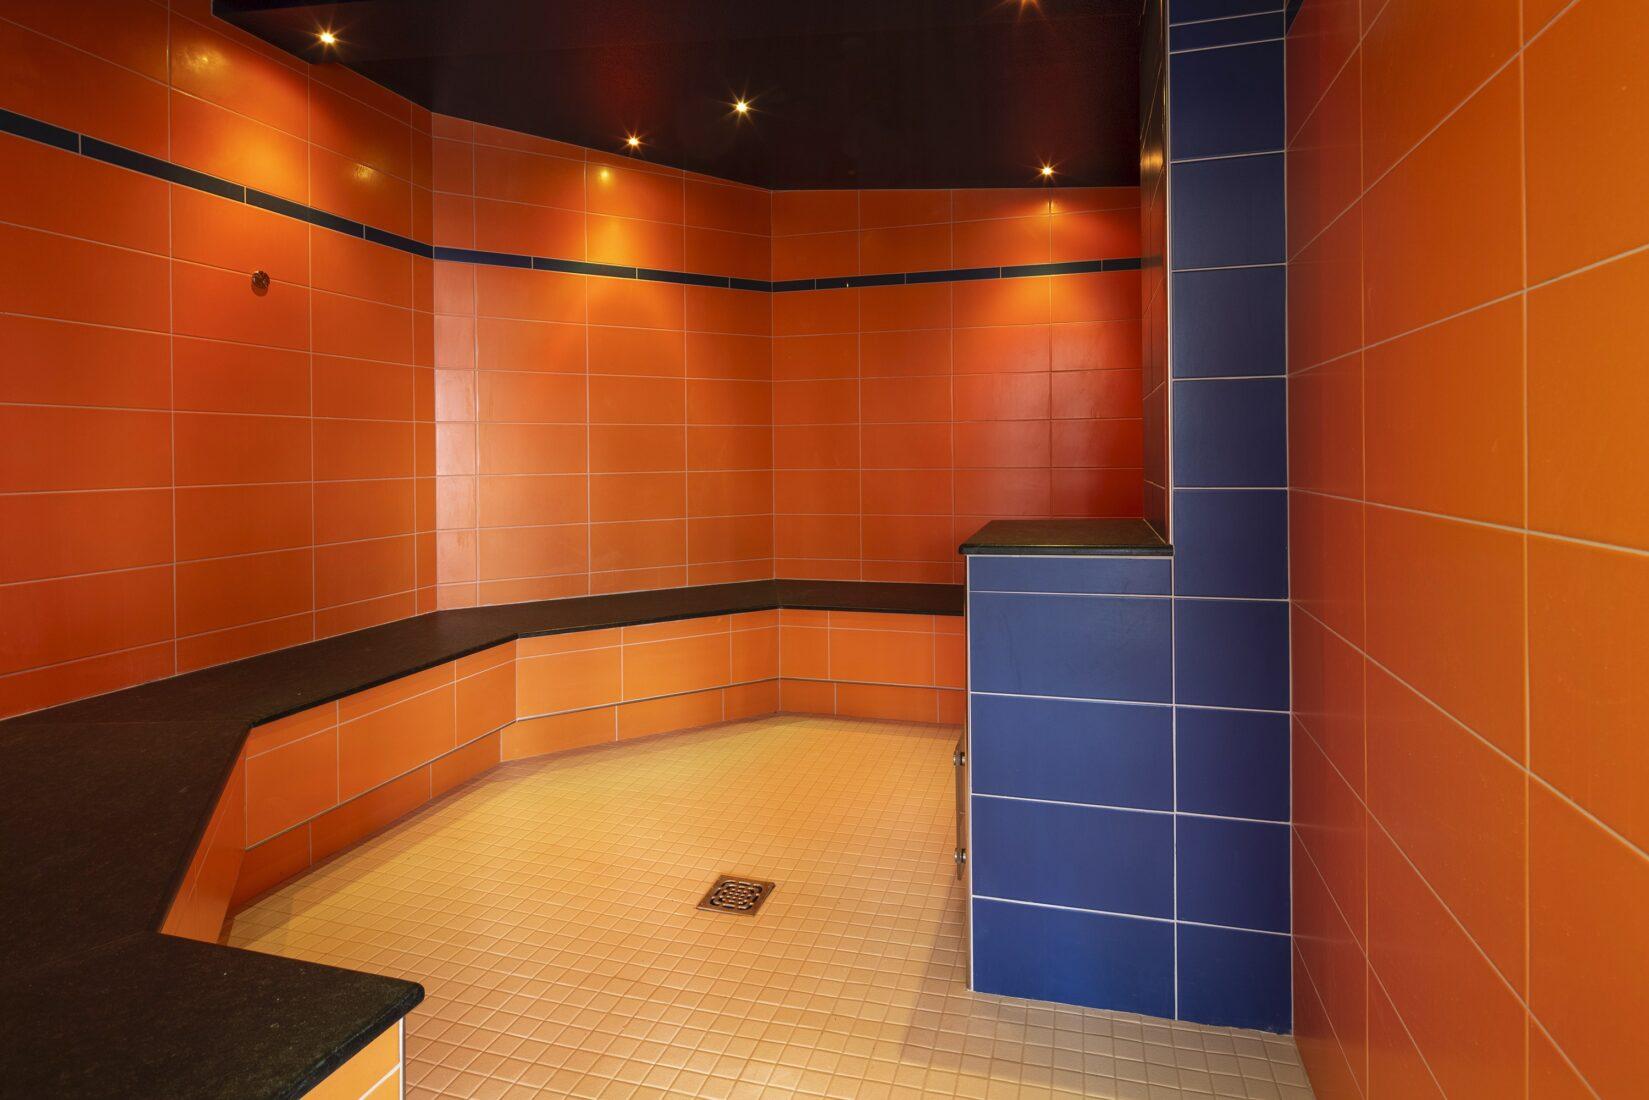 Die Wandfliesen und das Mosaik am Boden wurden mit Durapox Premium verklebt. Alle Fotos: PCI